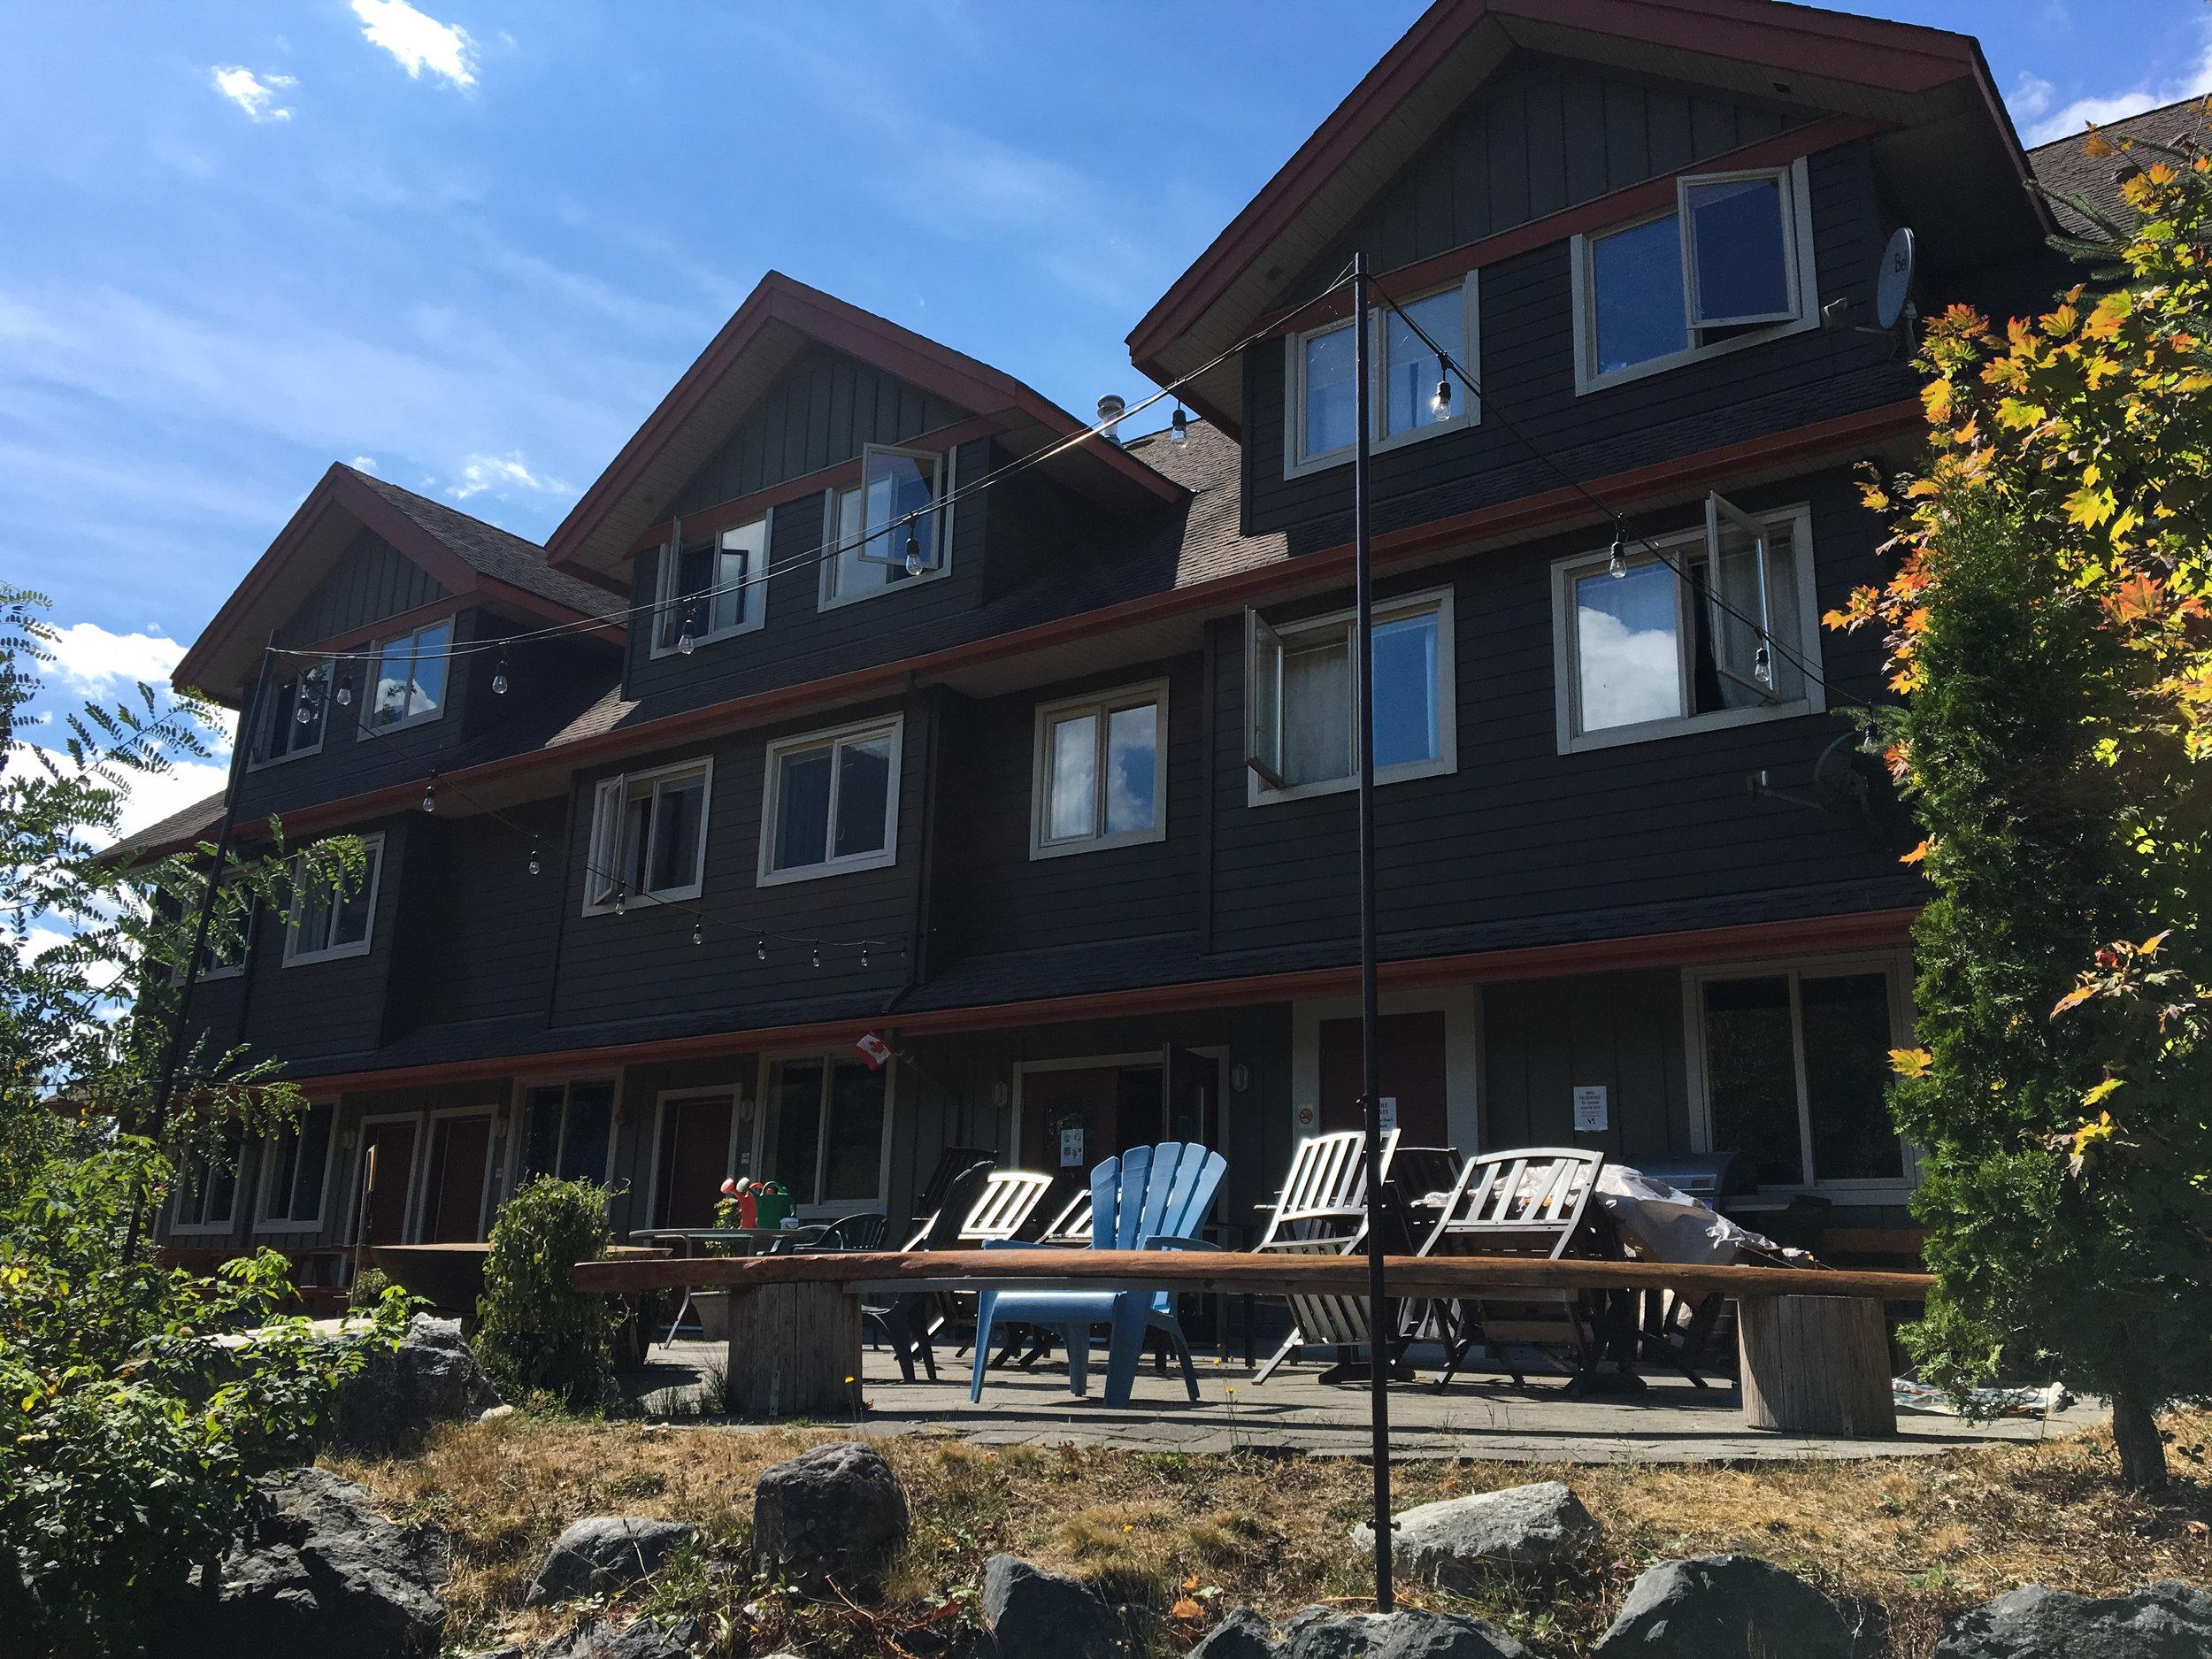 Squamish_AdventureHostel.jpg